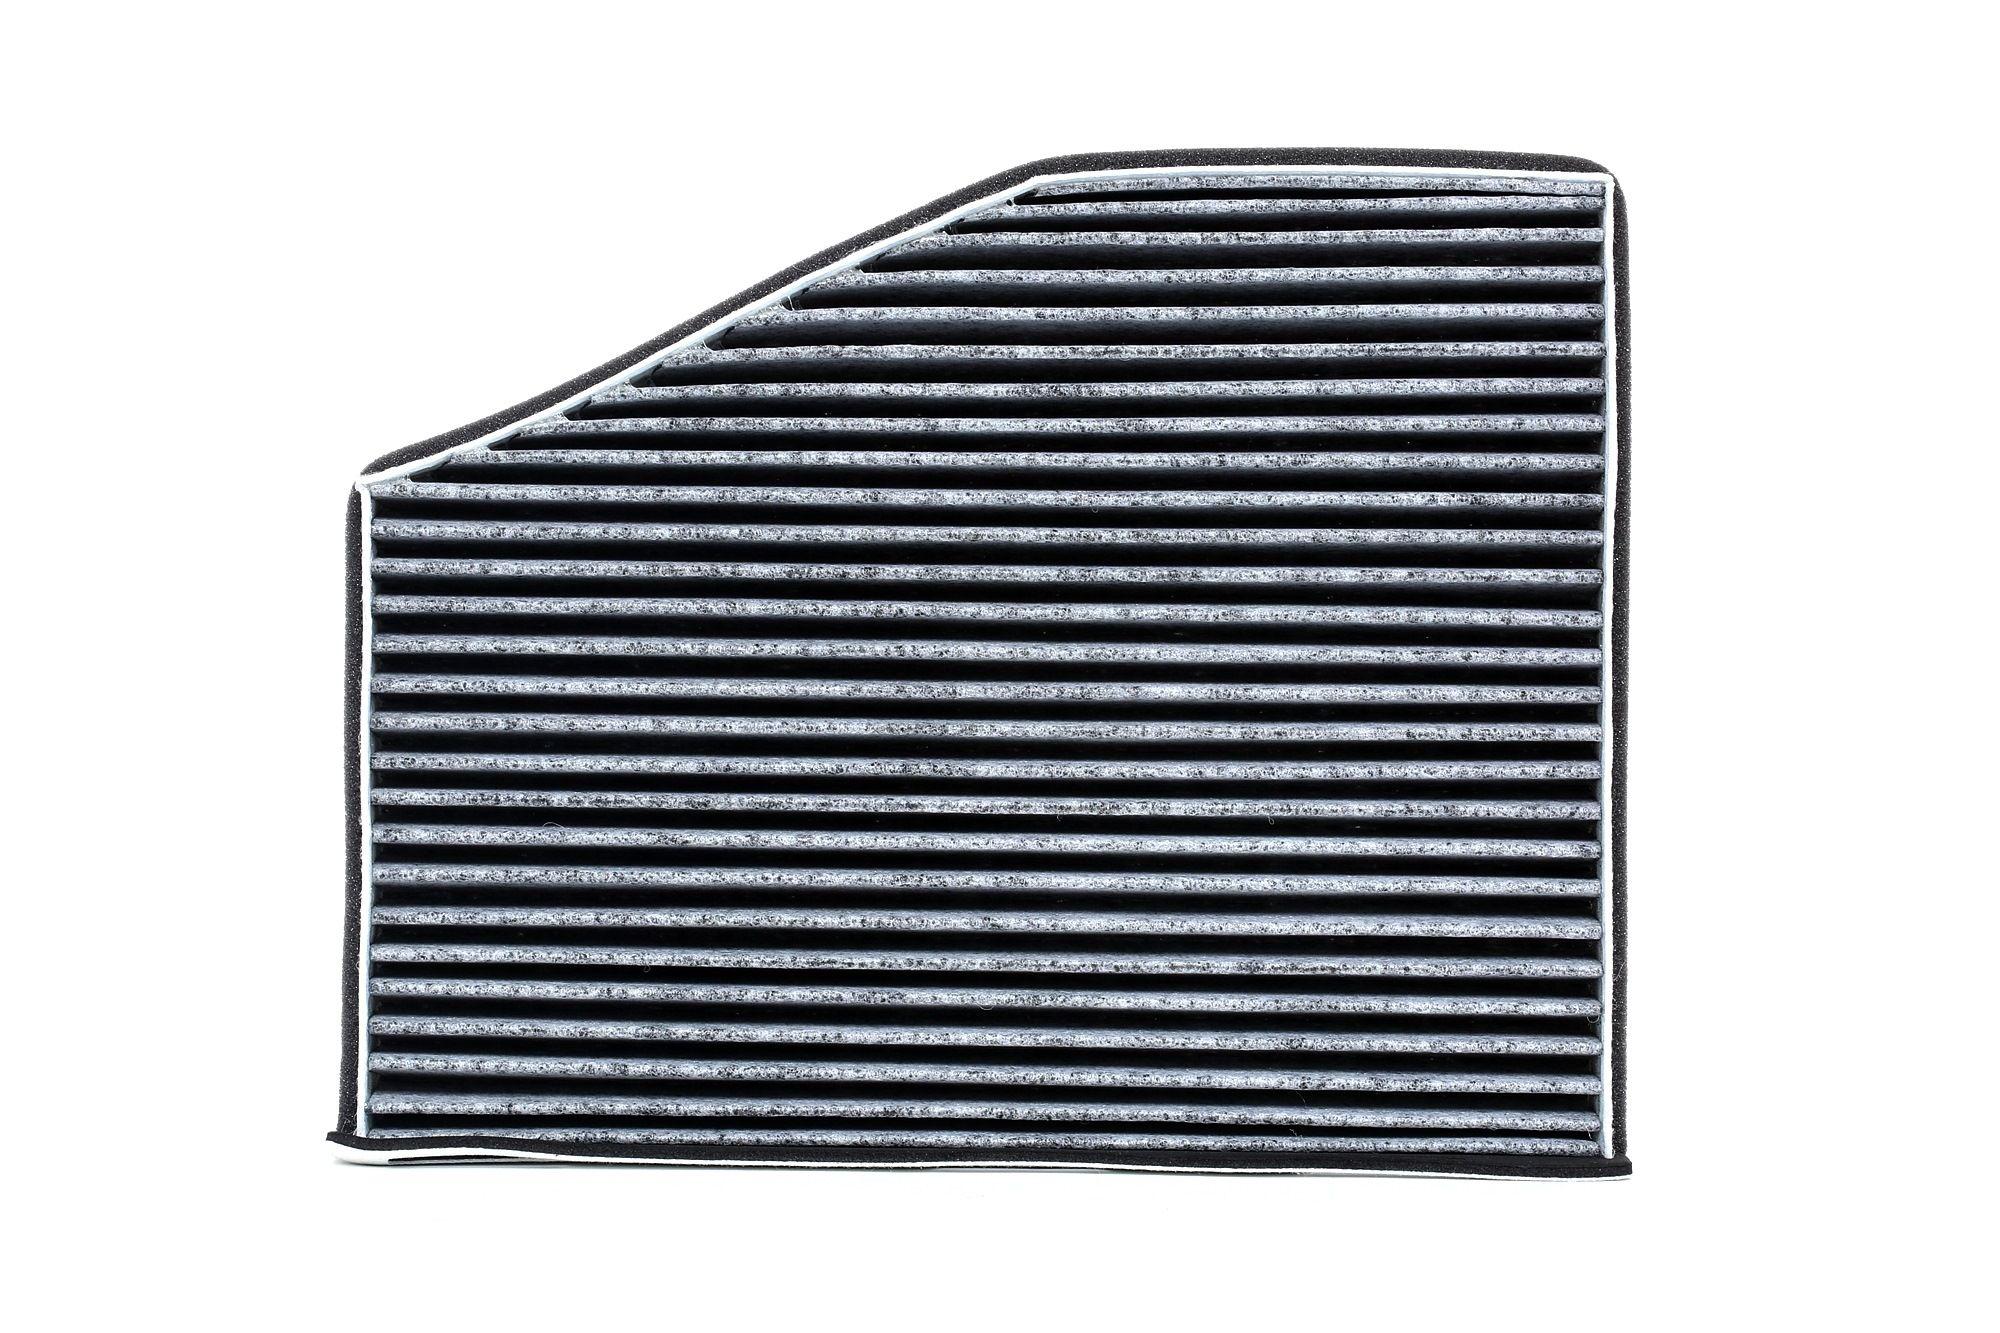 67801 MAPCO Aktivkohlefilter Breite: 215mm, Höhe: 34mm, Länge: 287mm Filter, Innenraumluft 67801 günstig kaufen